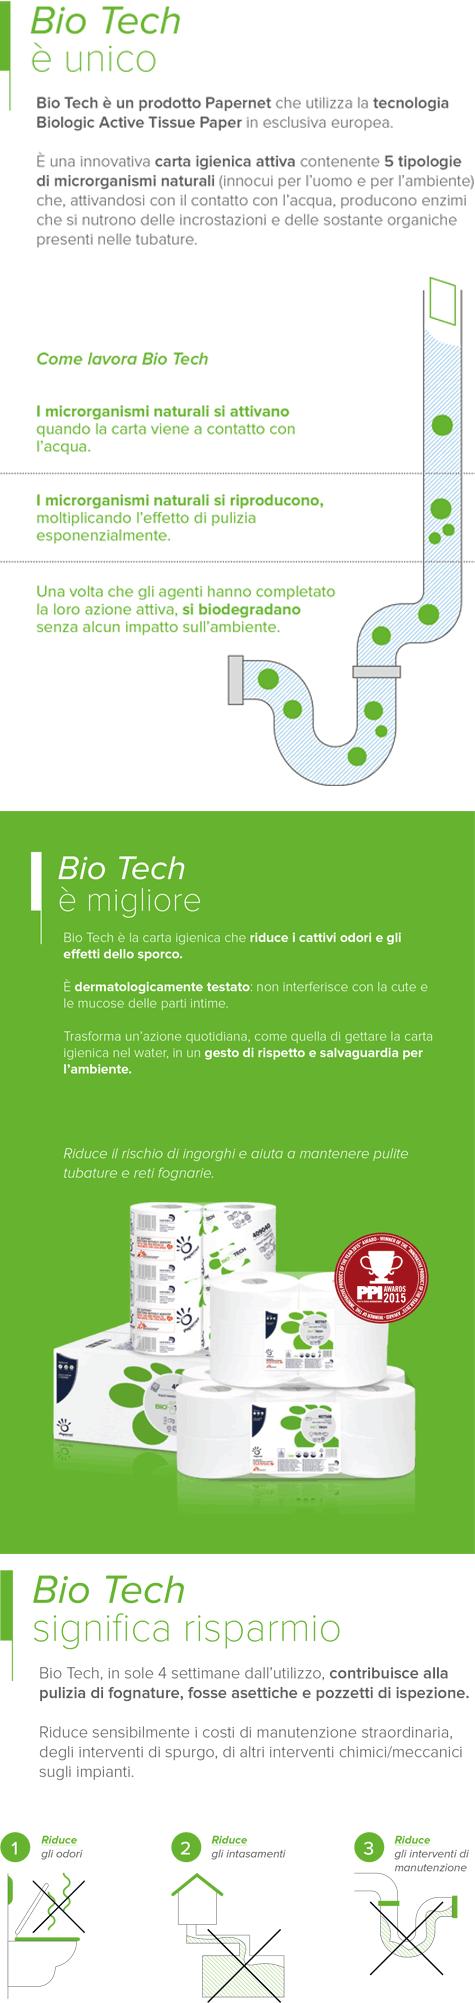 carta Carta igienica in rotolo Bio-Tech qualità superior, 3 veli, goffratura micro, altezza 11cm, lunghezza 11cm, diametro 12cm, 250 strappi.